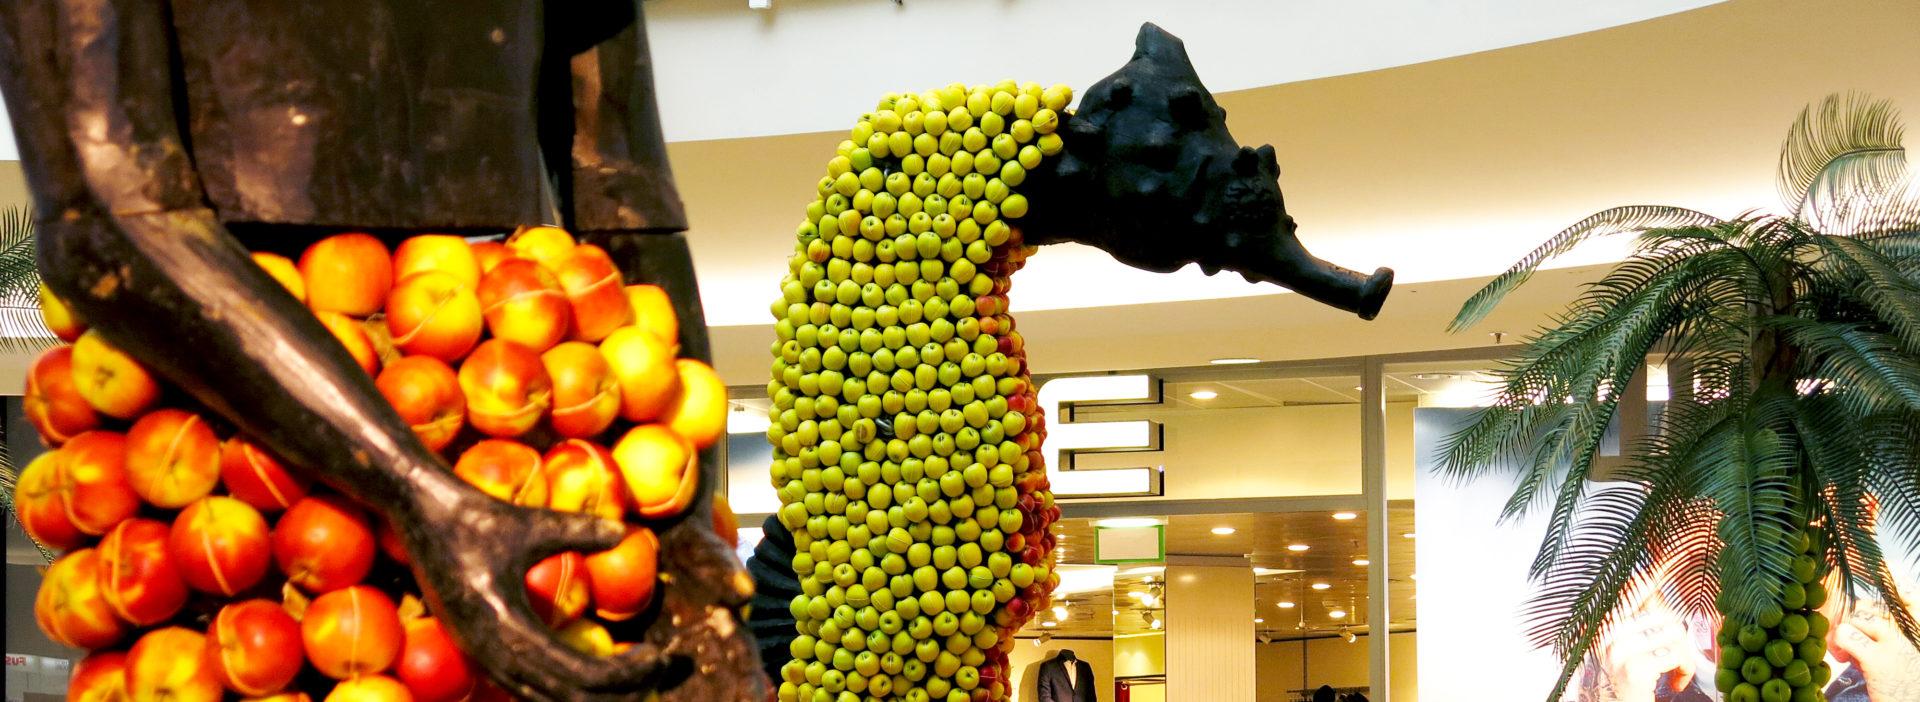 Apfel Ausstellung mieten Einkaufszentrum